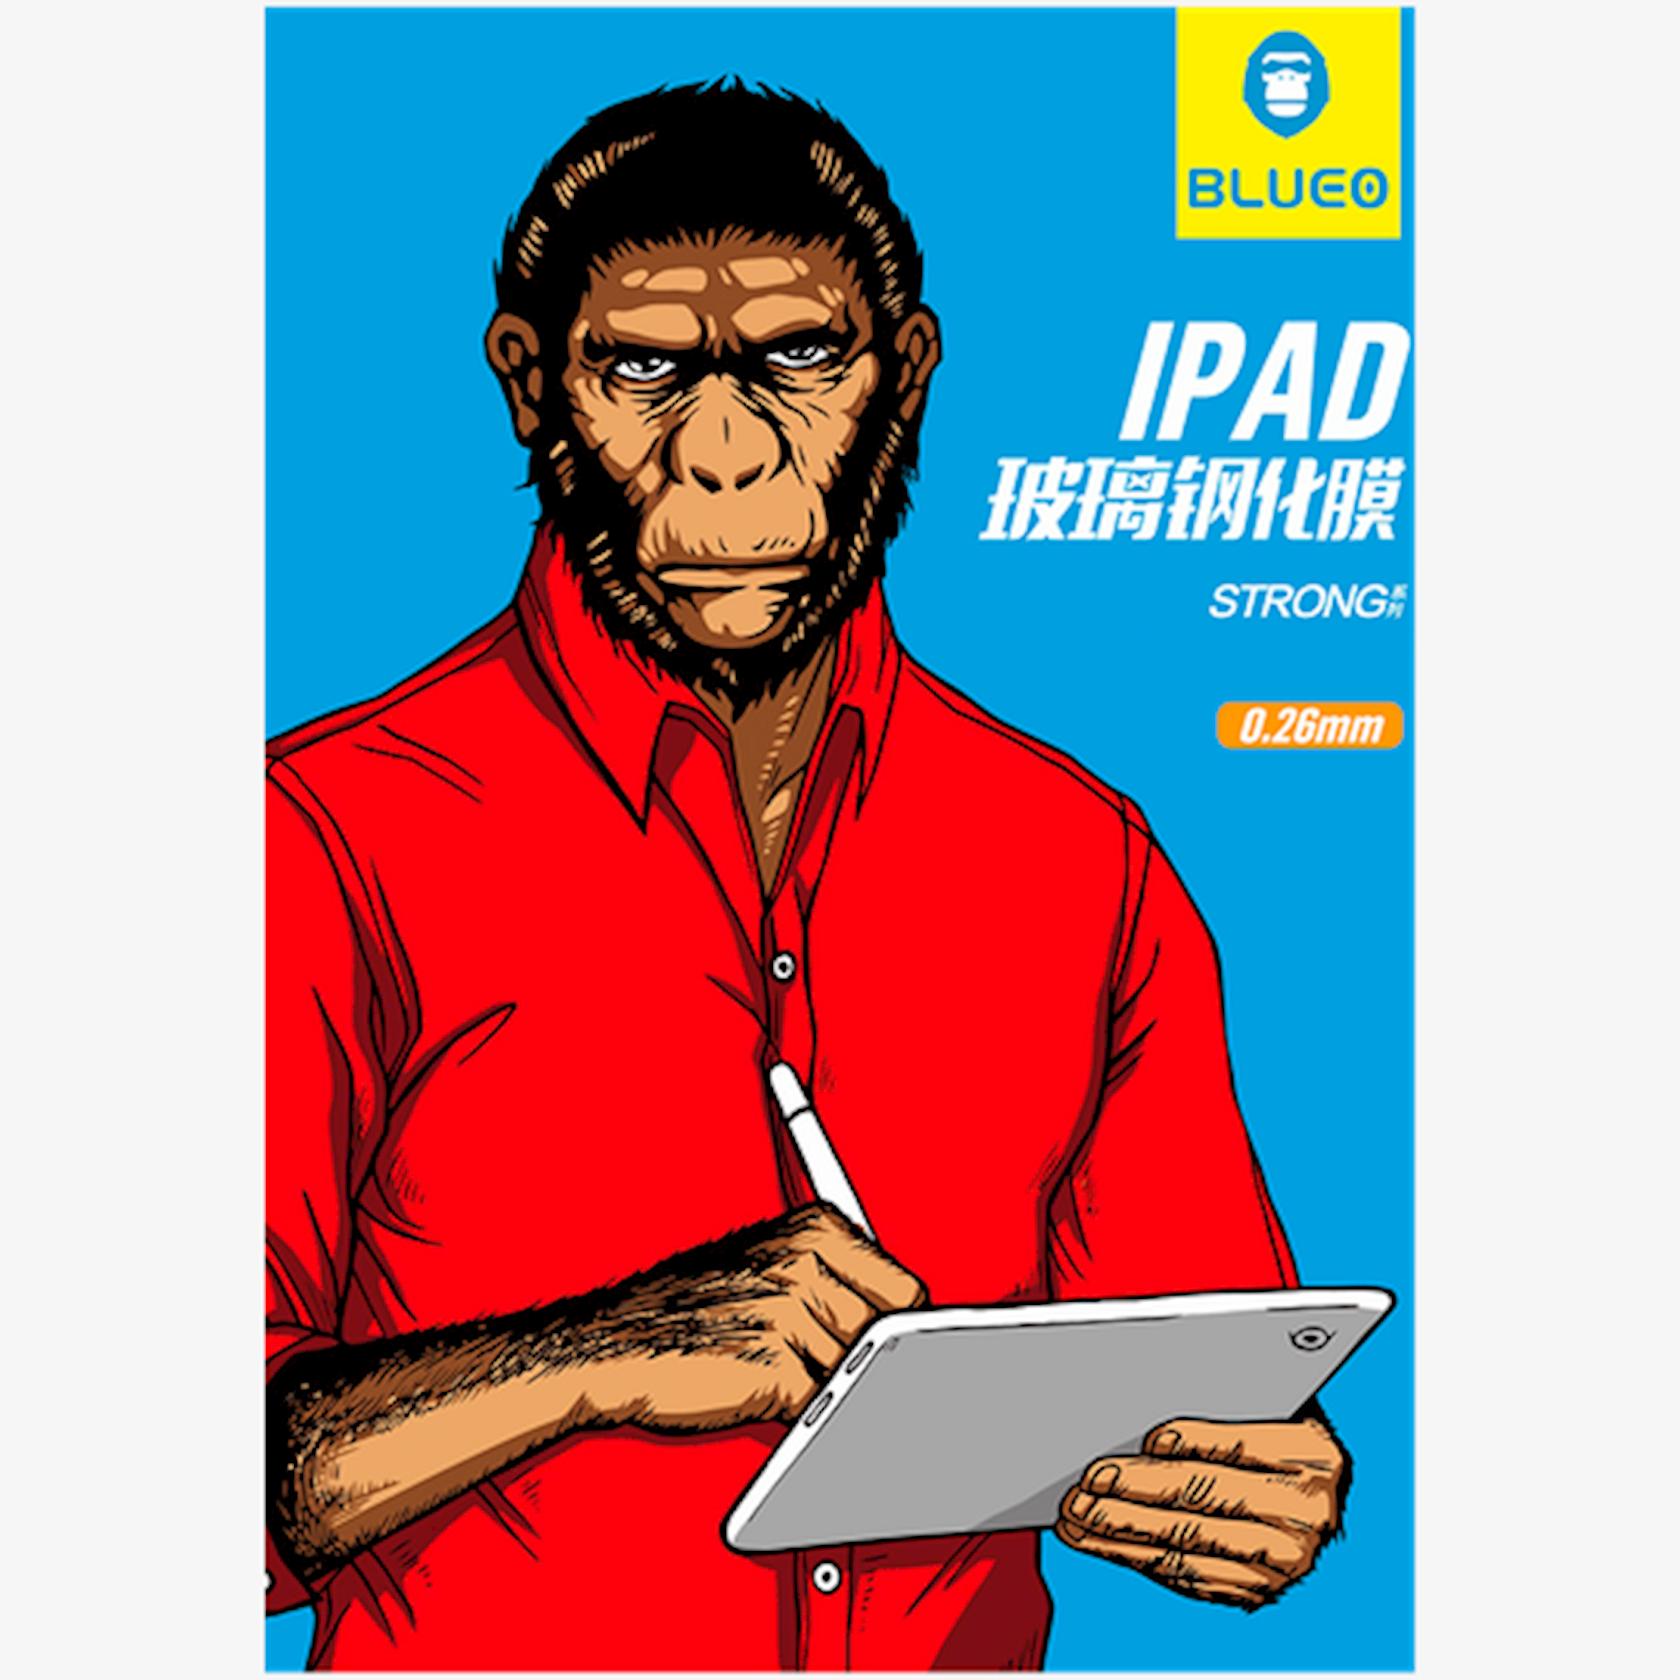 Qoruyucu şüşə Blueo Strong Tempered Glass Apple iPad 11 üçün